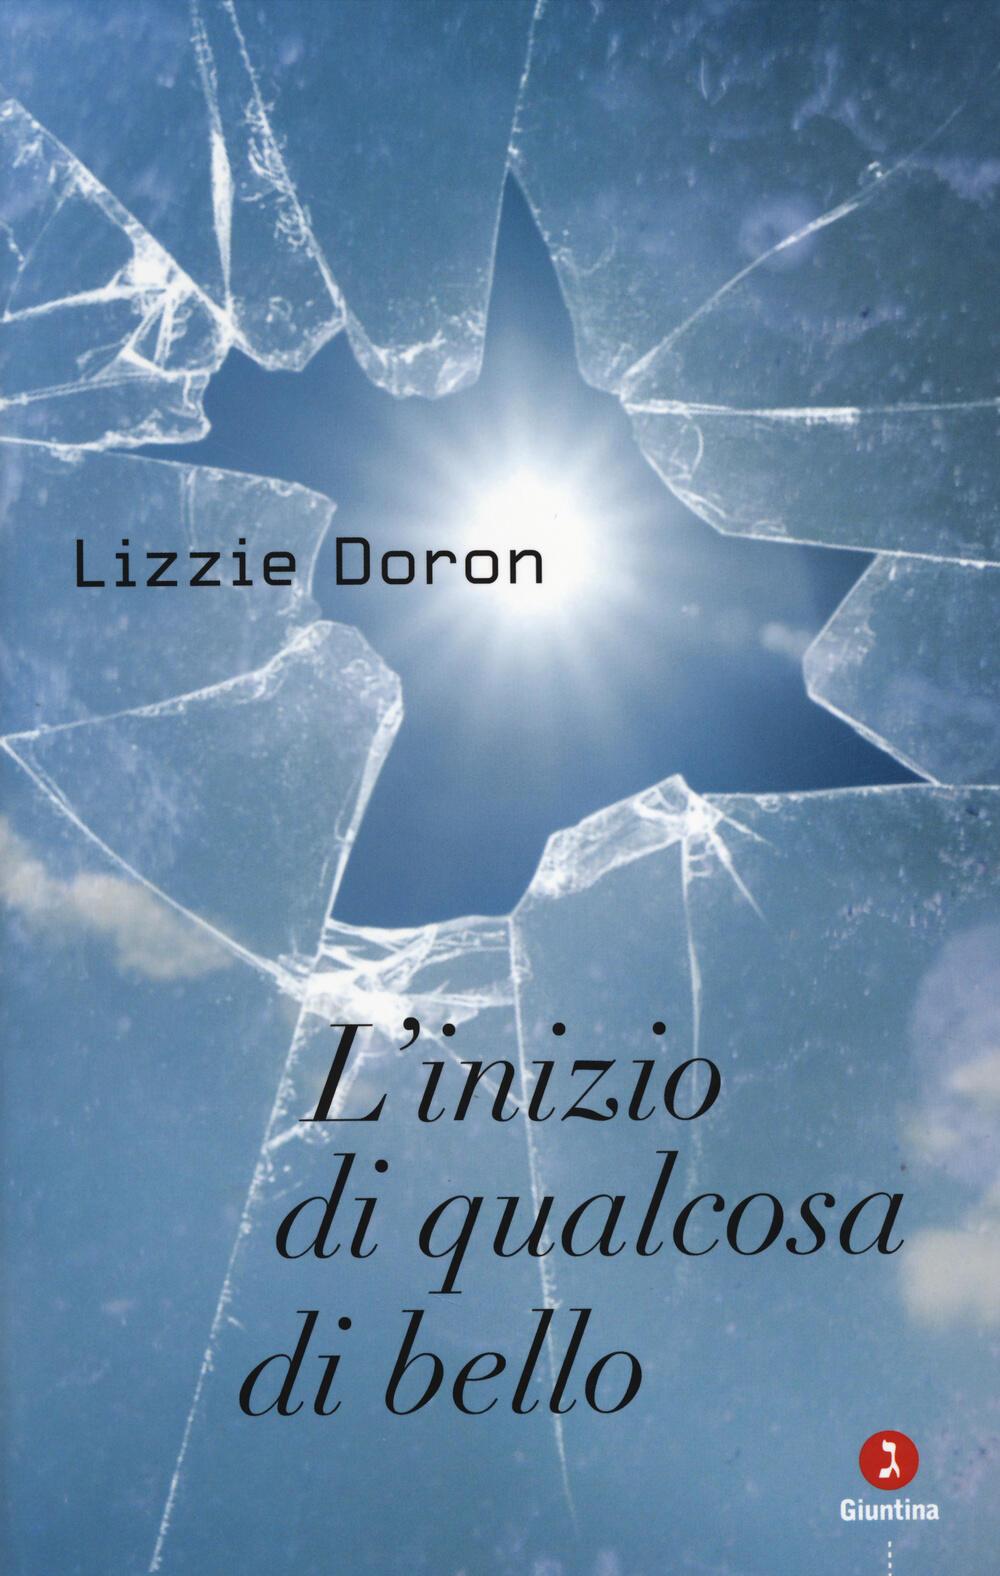 L' inizio di qualcosa di bello - Lizzie Doron - Libro ...  L' inizio d...